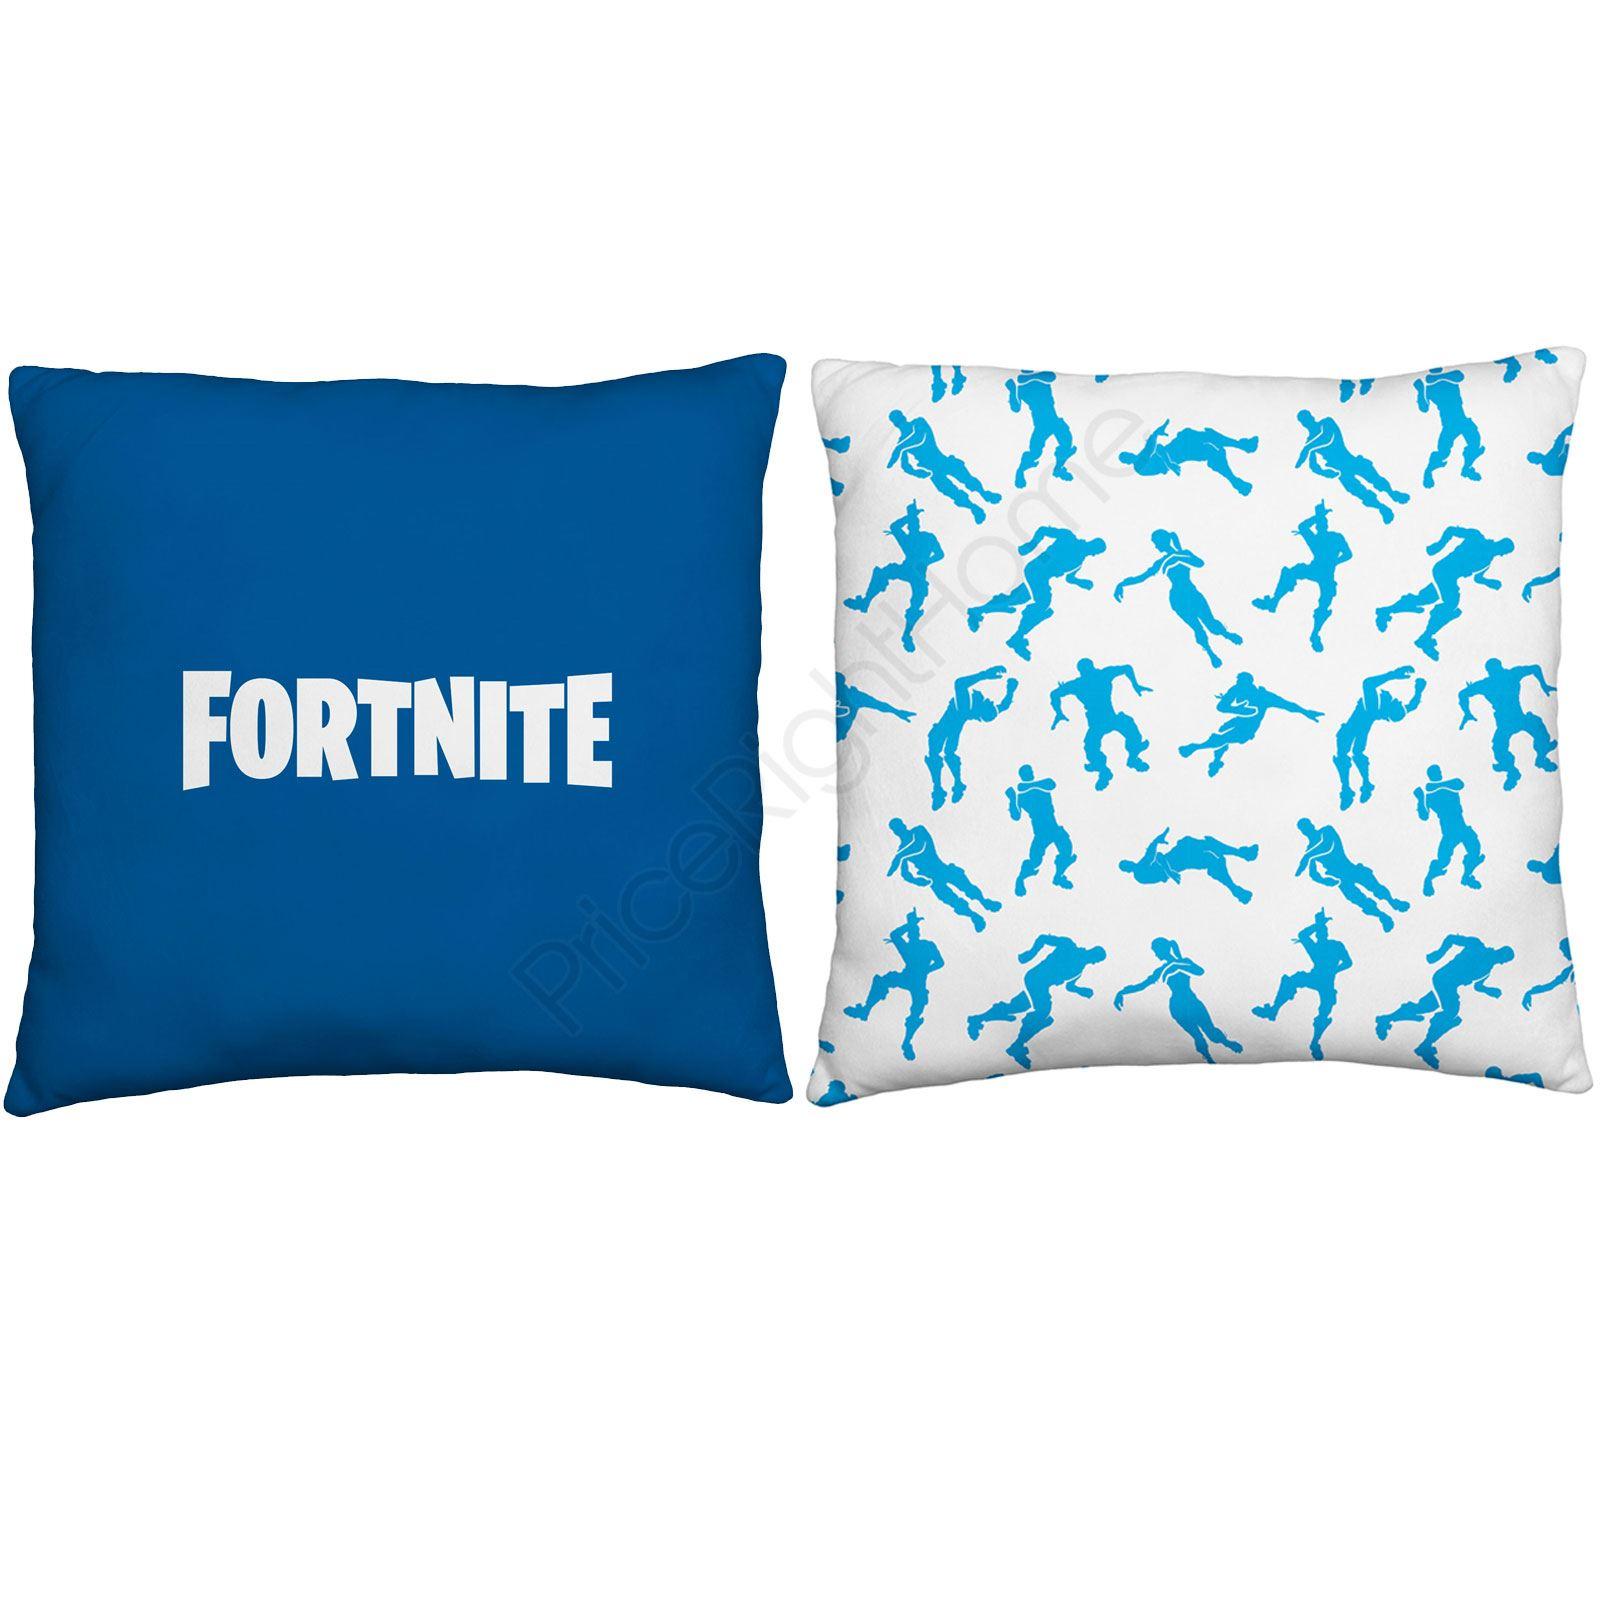 Fortnite Battle Royale Bedding Single Duvet Cover Set